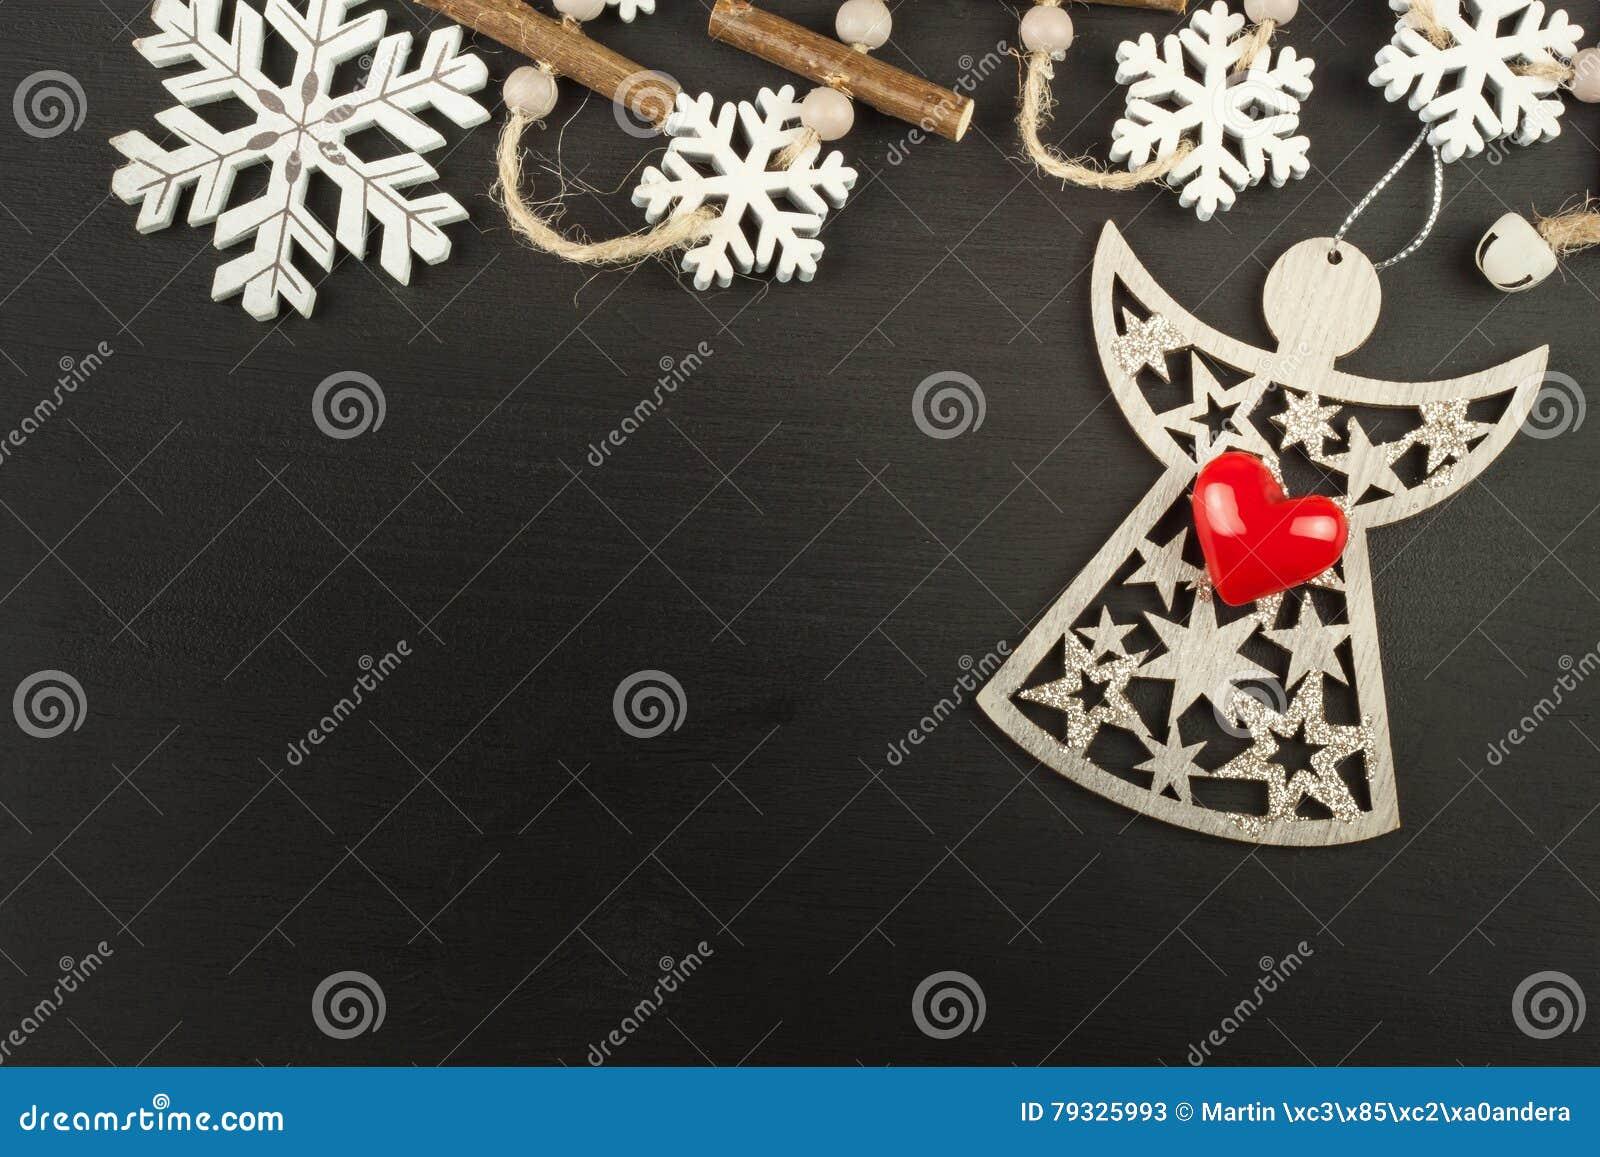 Wünsche Für Weihnachten Und Engel Dekorationen Für Die Geschenke ...